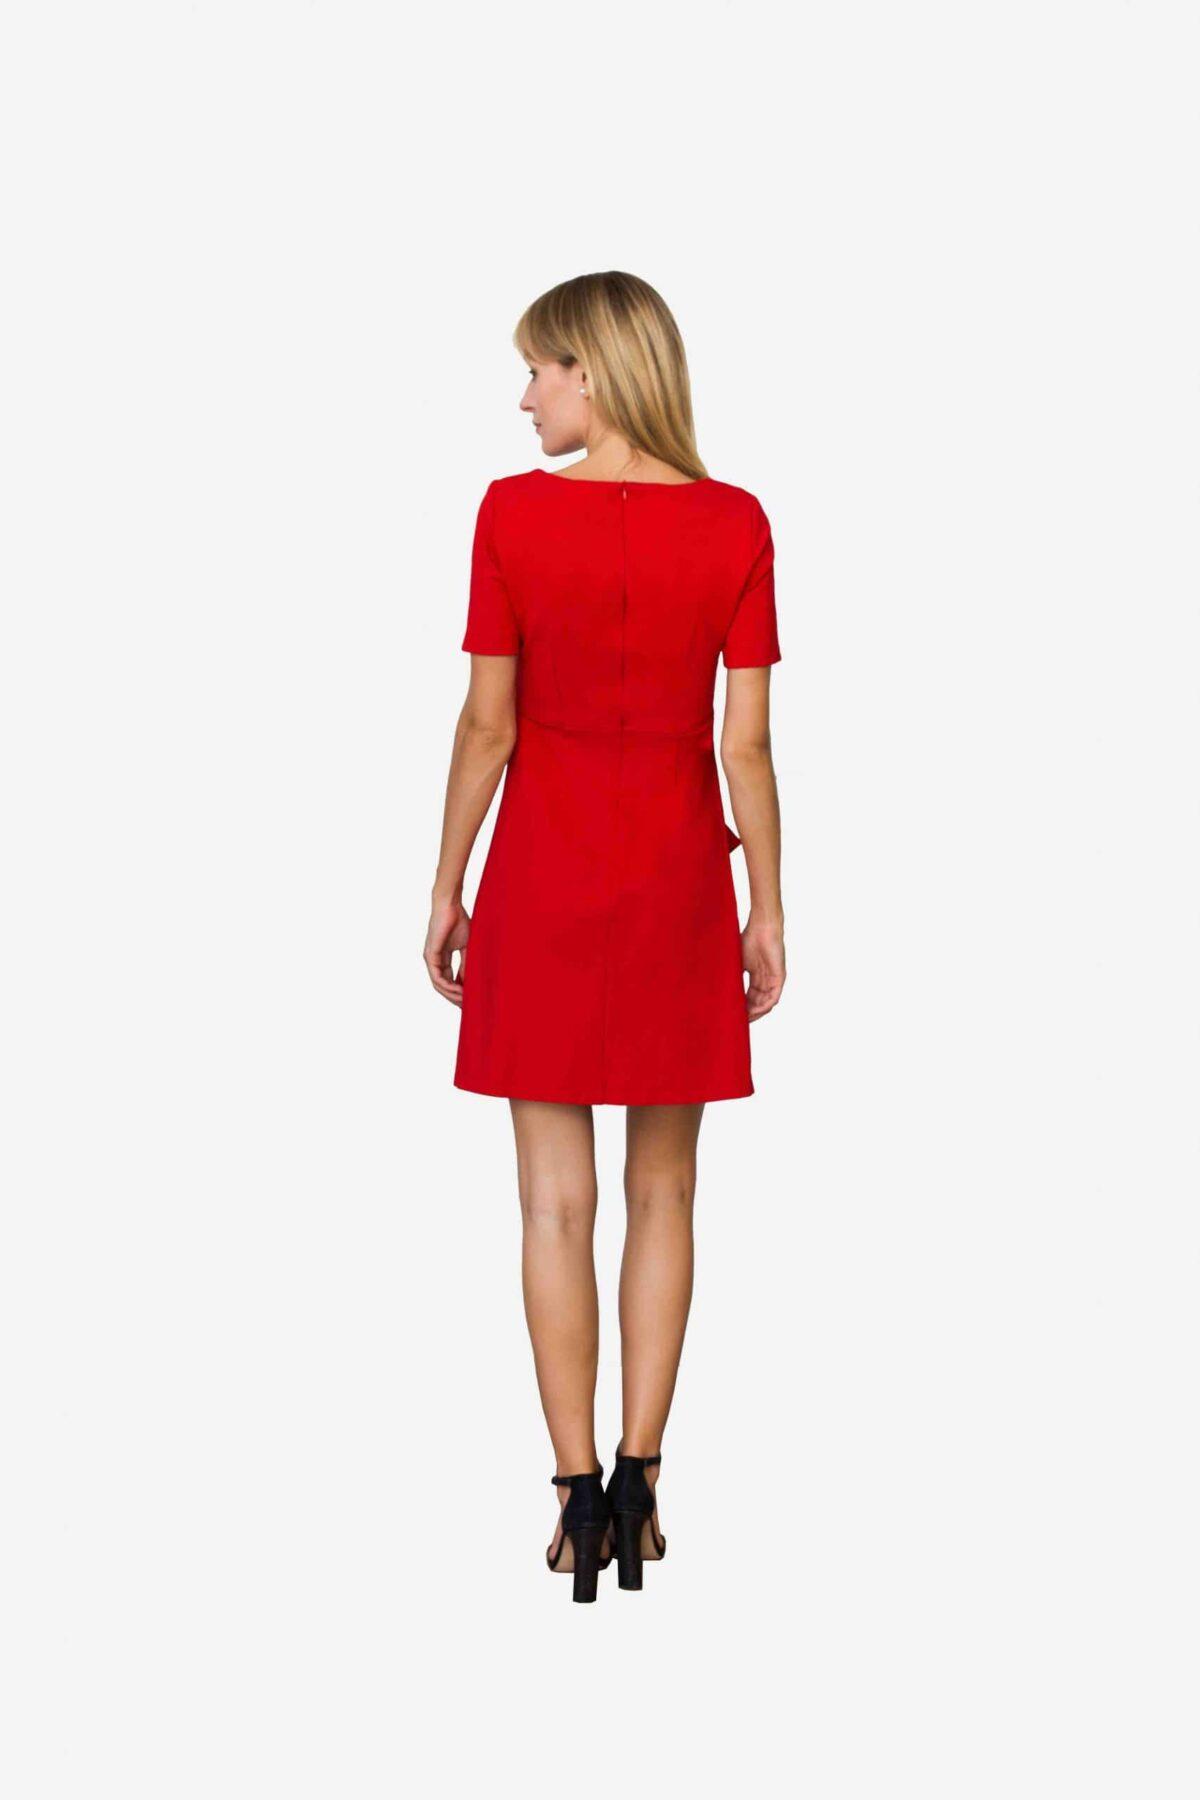 Kleid Loretta von SANOGE. Feminines Etuikleid in rot mit Volant und kurzem Arm. Knielang. Aus rotem Premium Jersey. Nachhaltige Mode.